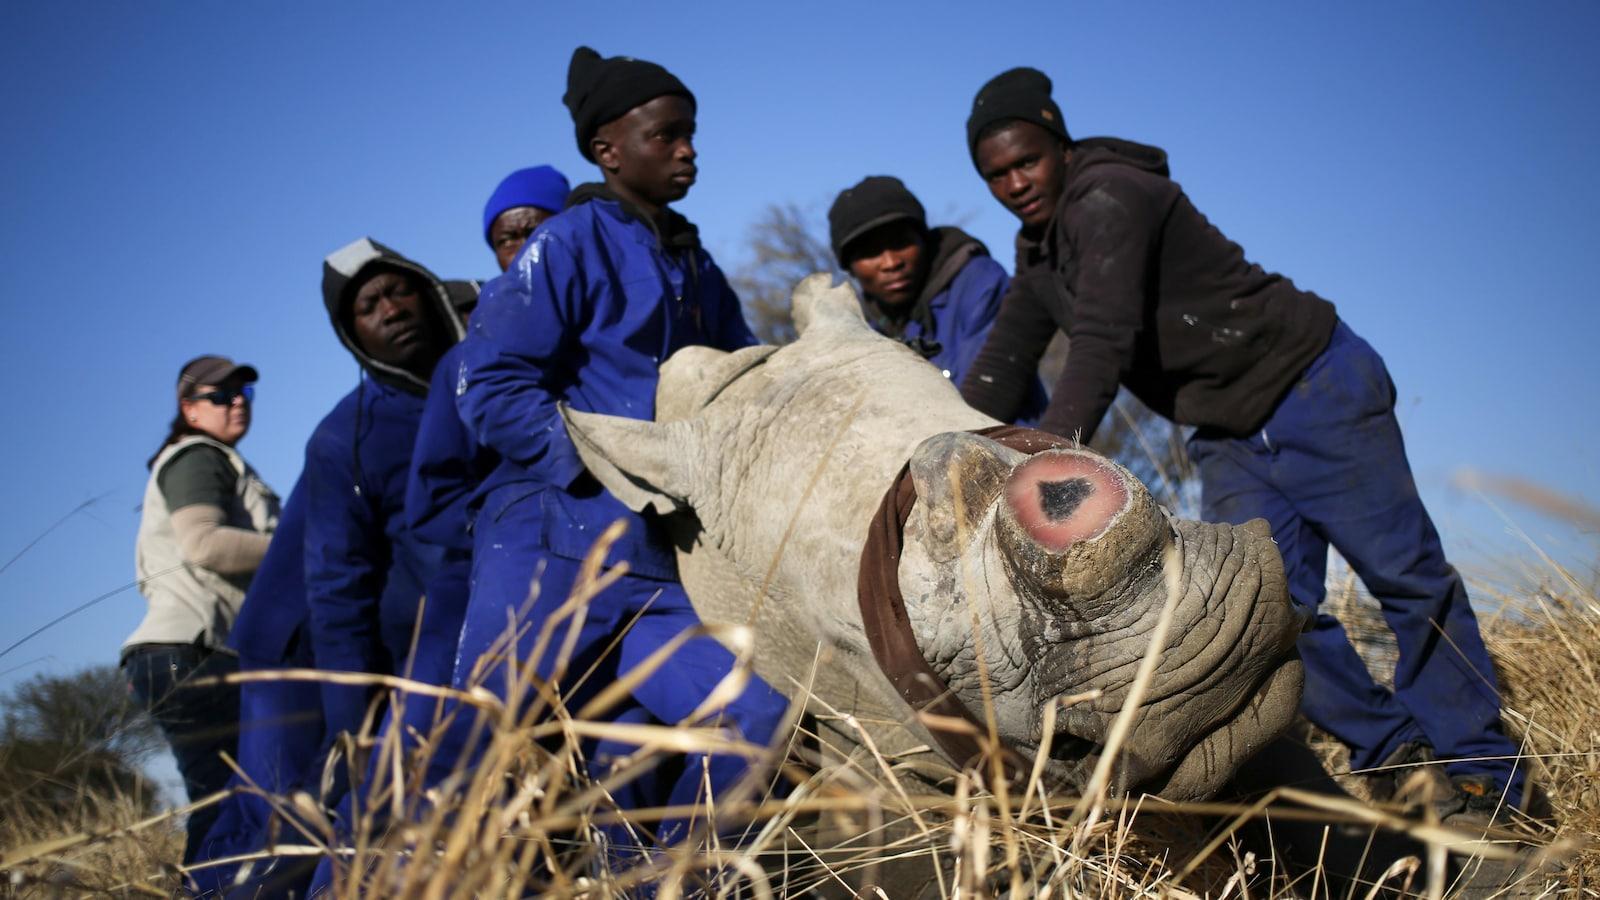 Plusieurs hommes soutiennent un rhinocéros endormi dont la corne a été coupée.